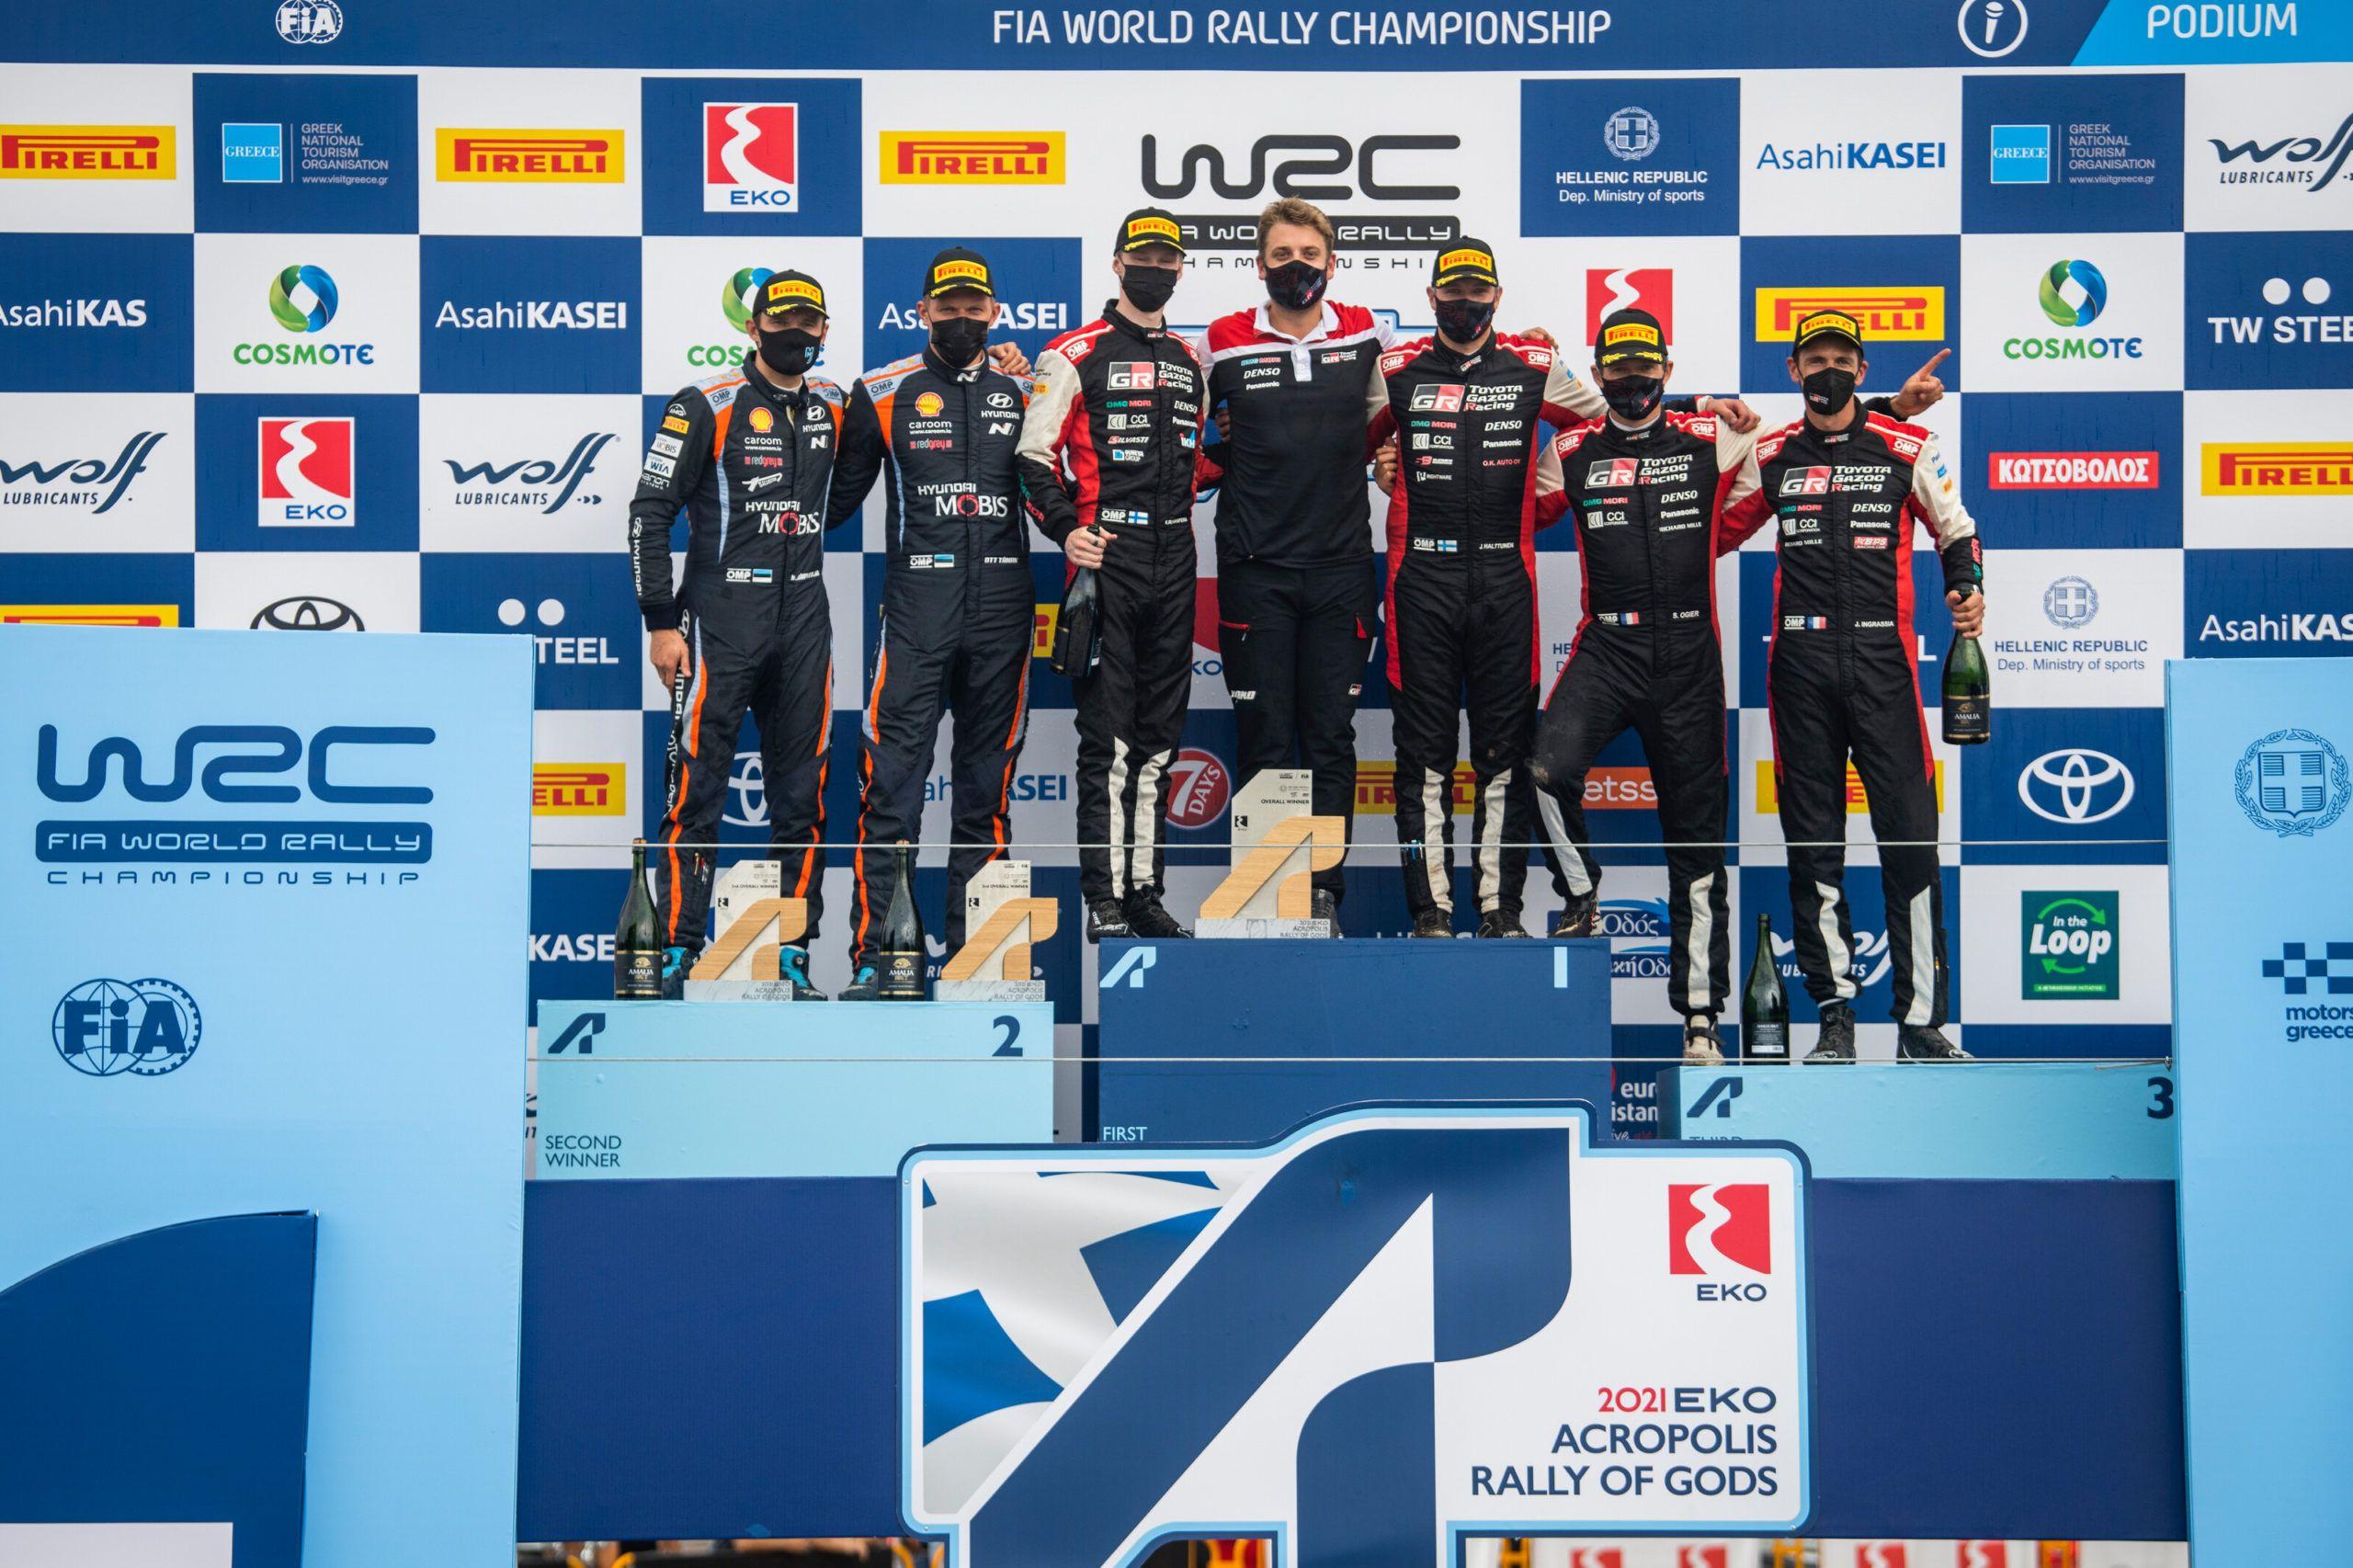 WRC, Acropolis